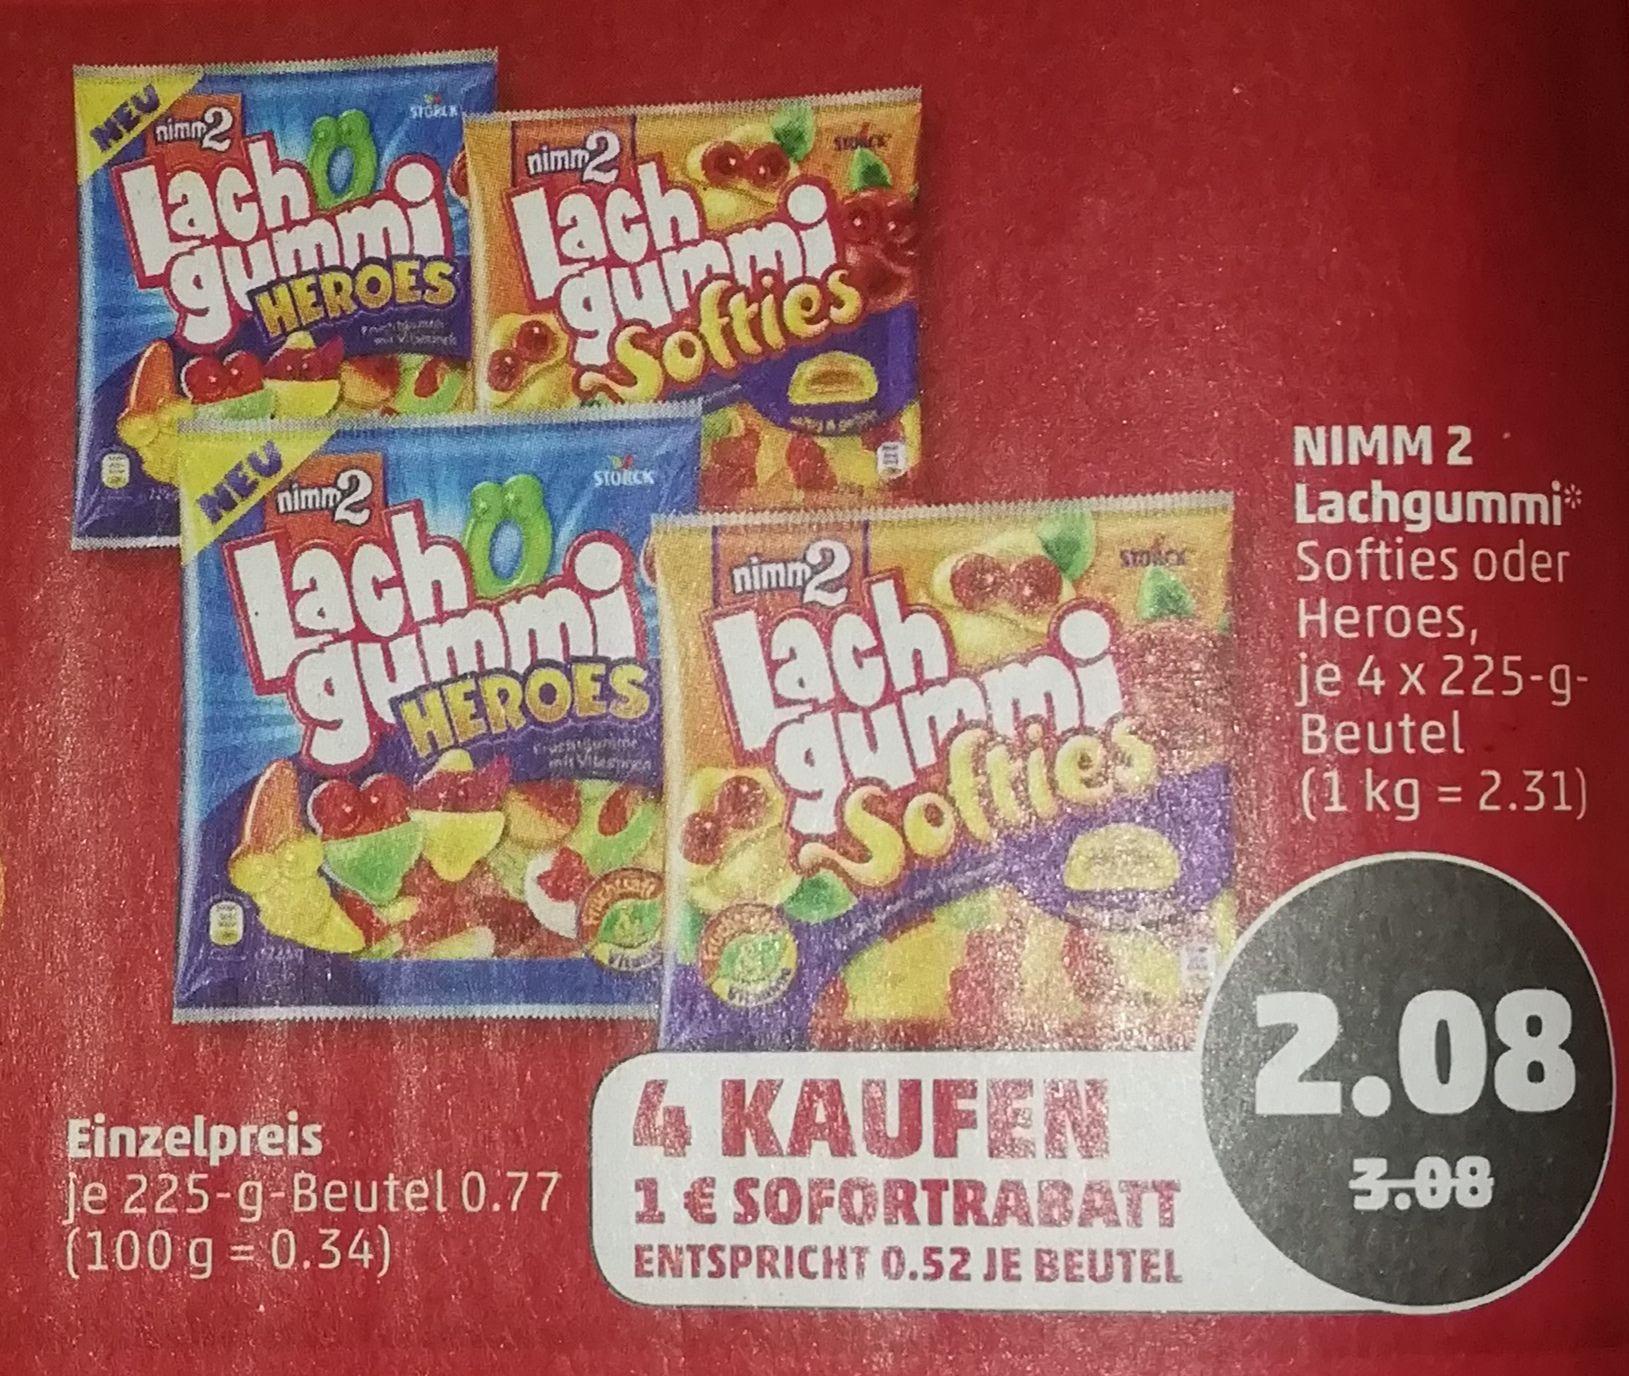 [Penny] 4x Nimm 2 Lachgummi für 2,08€ dank Sofort Rabatt